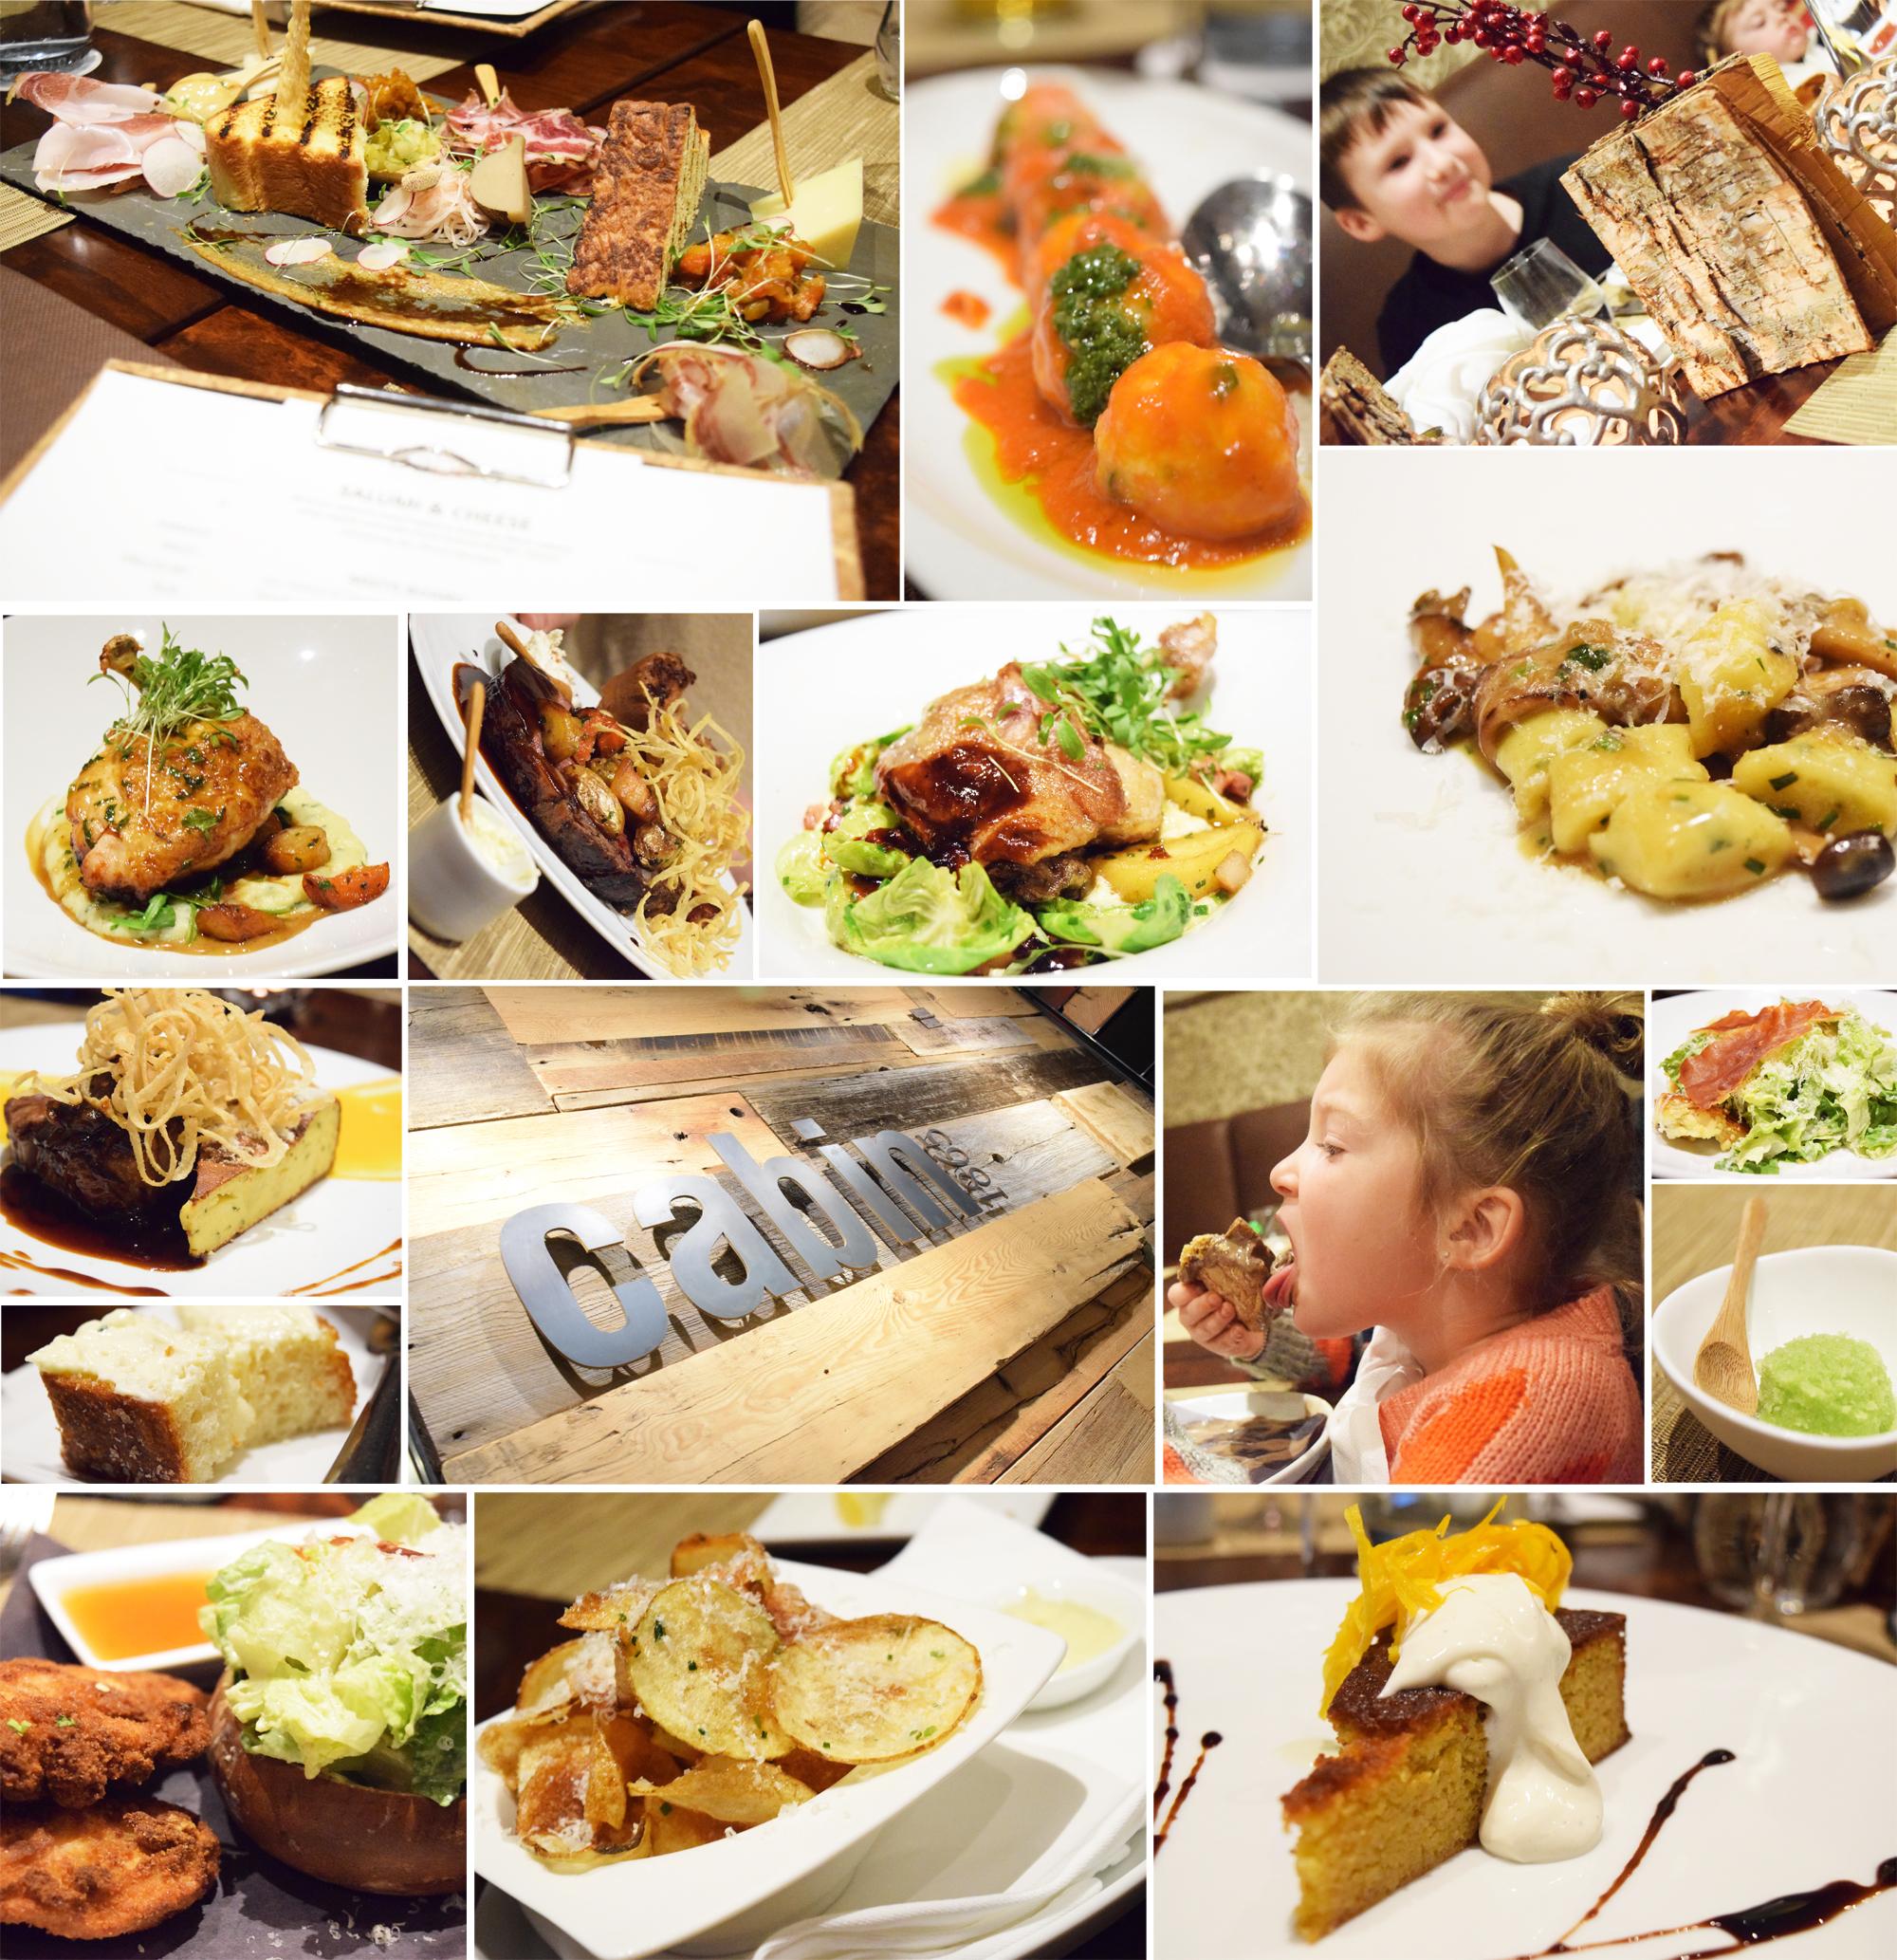 Cabin restaurant - Hockley Valley Resort